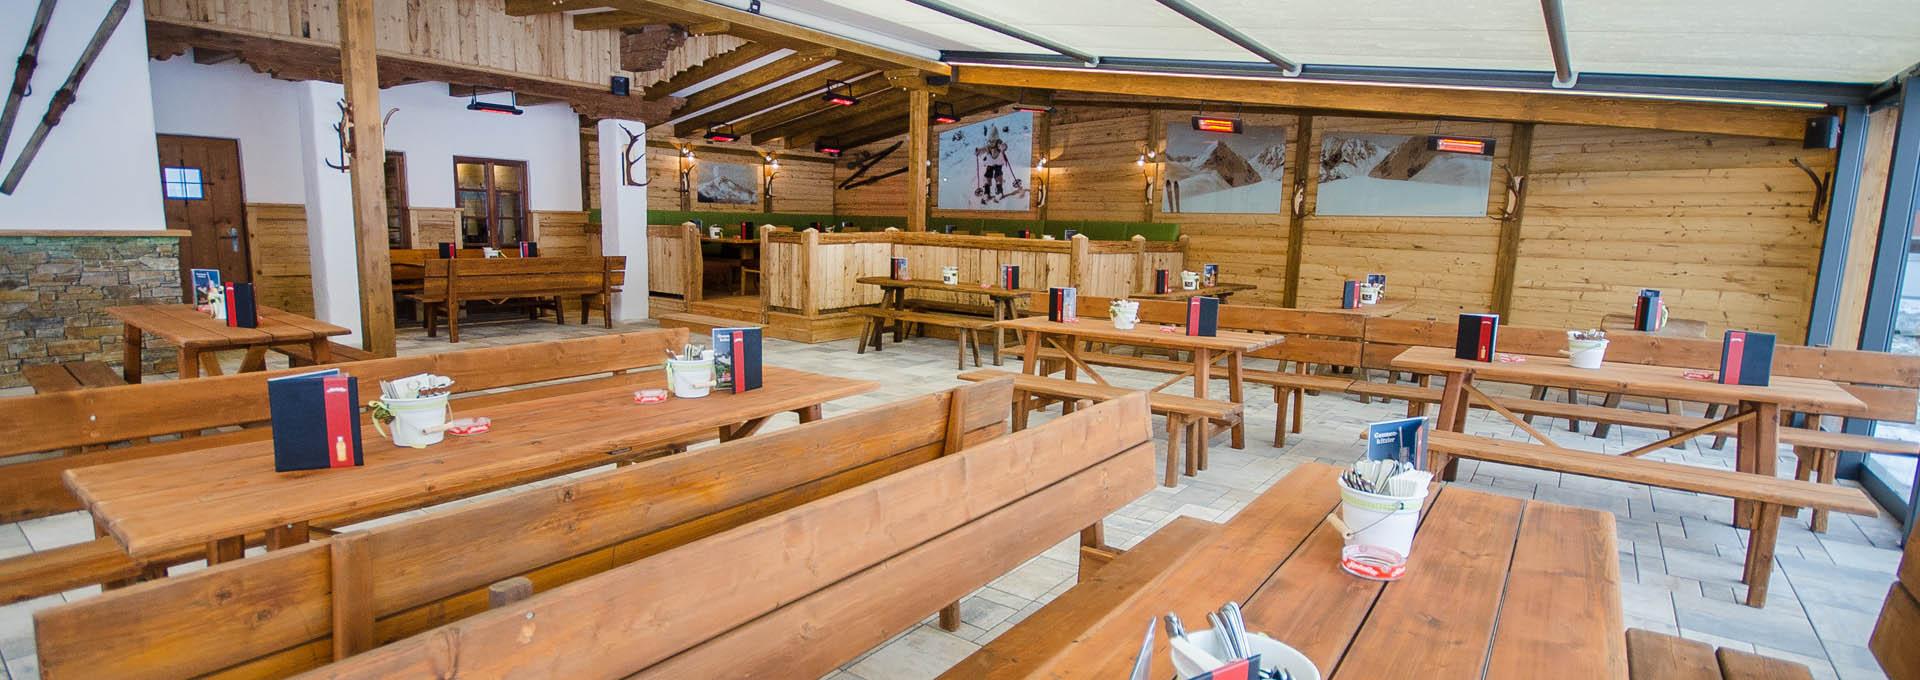 Restaurant in Flachau - Schonzeit - Skihütte Flachau